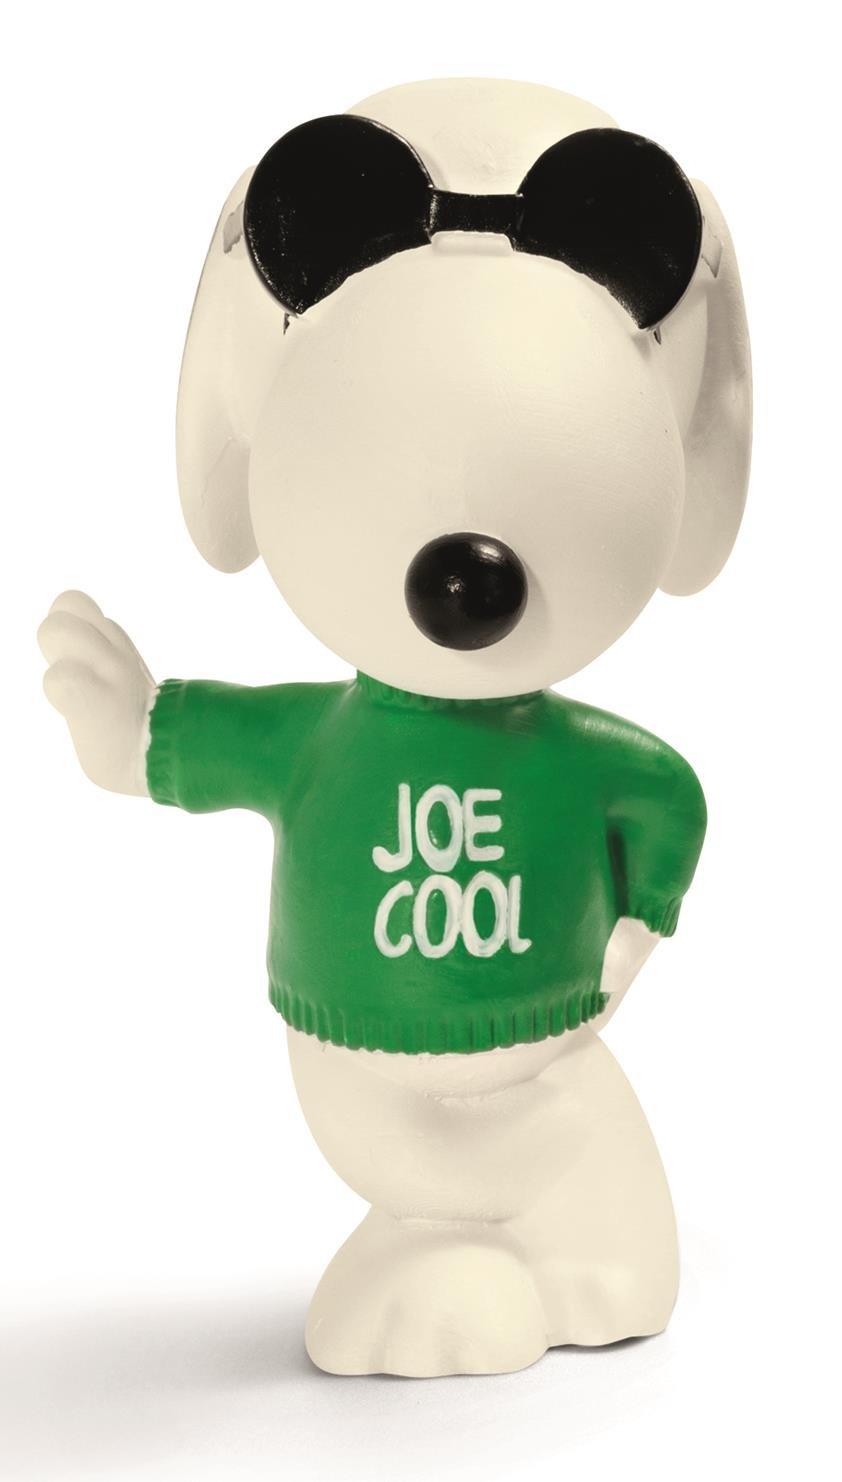 Schleich Peanuts Joe Cool Figure Schleich North America 22003